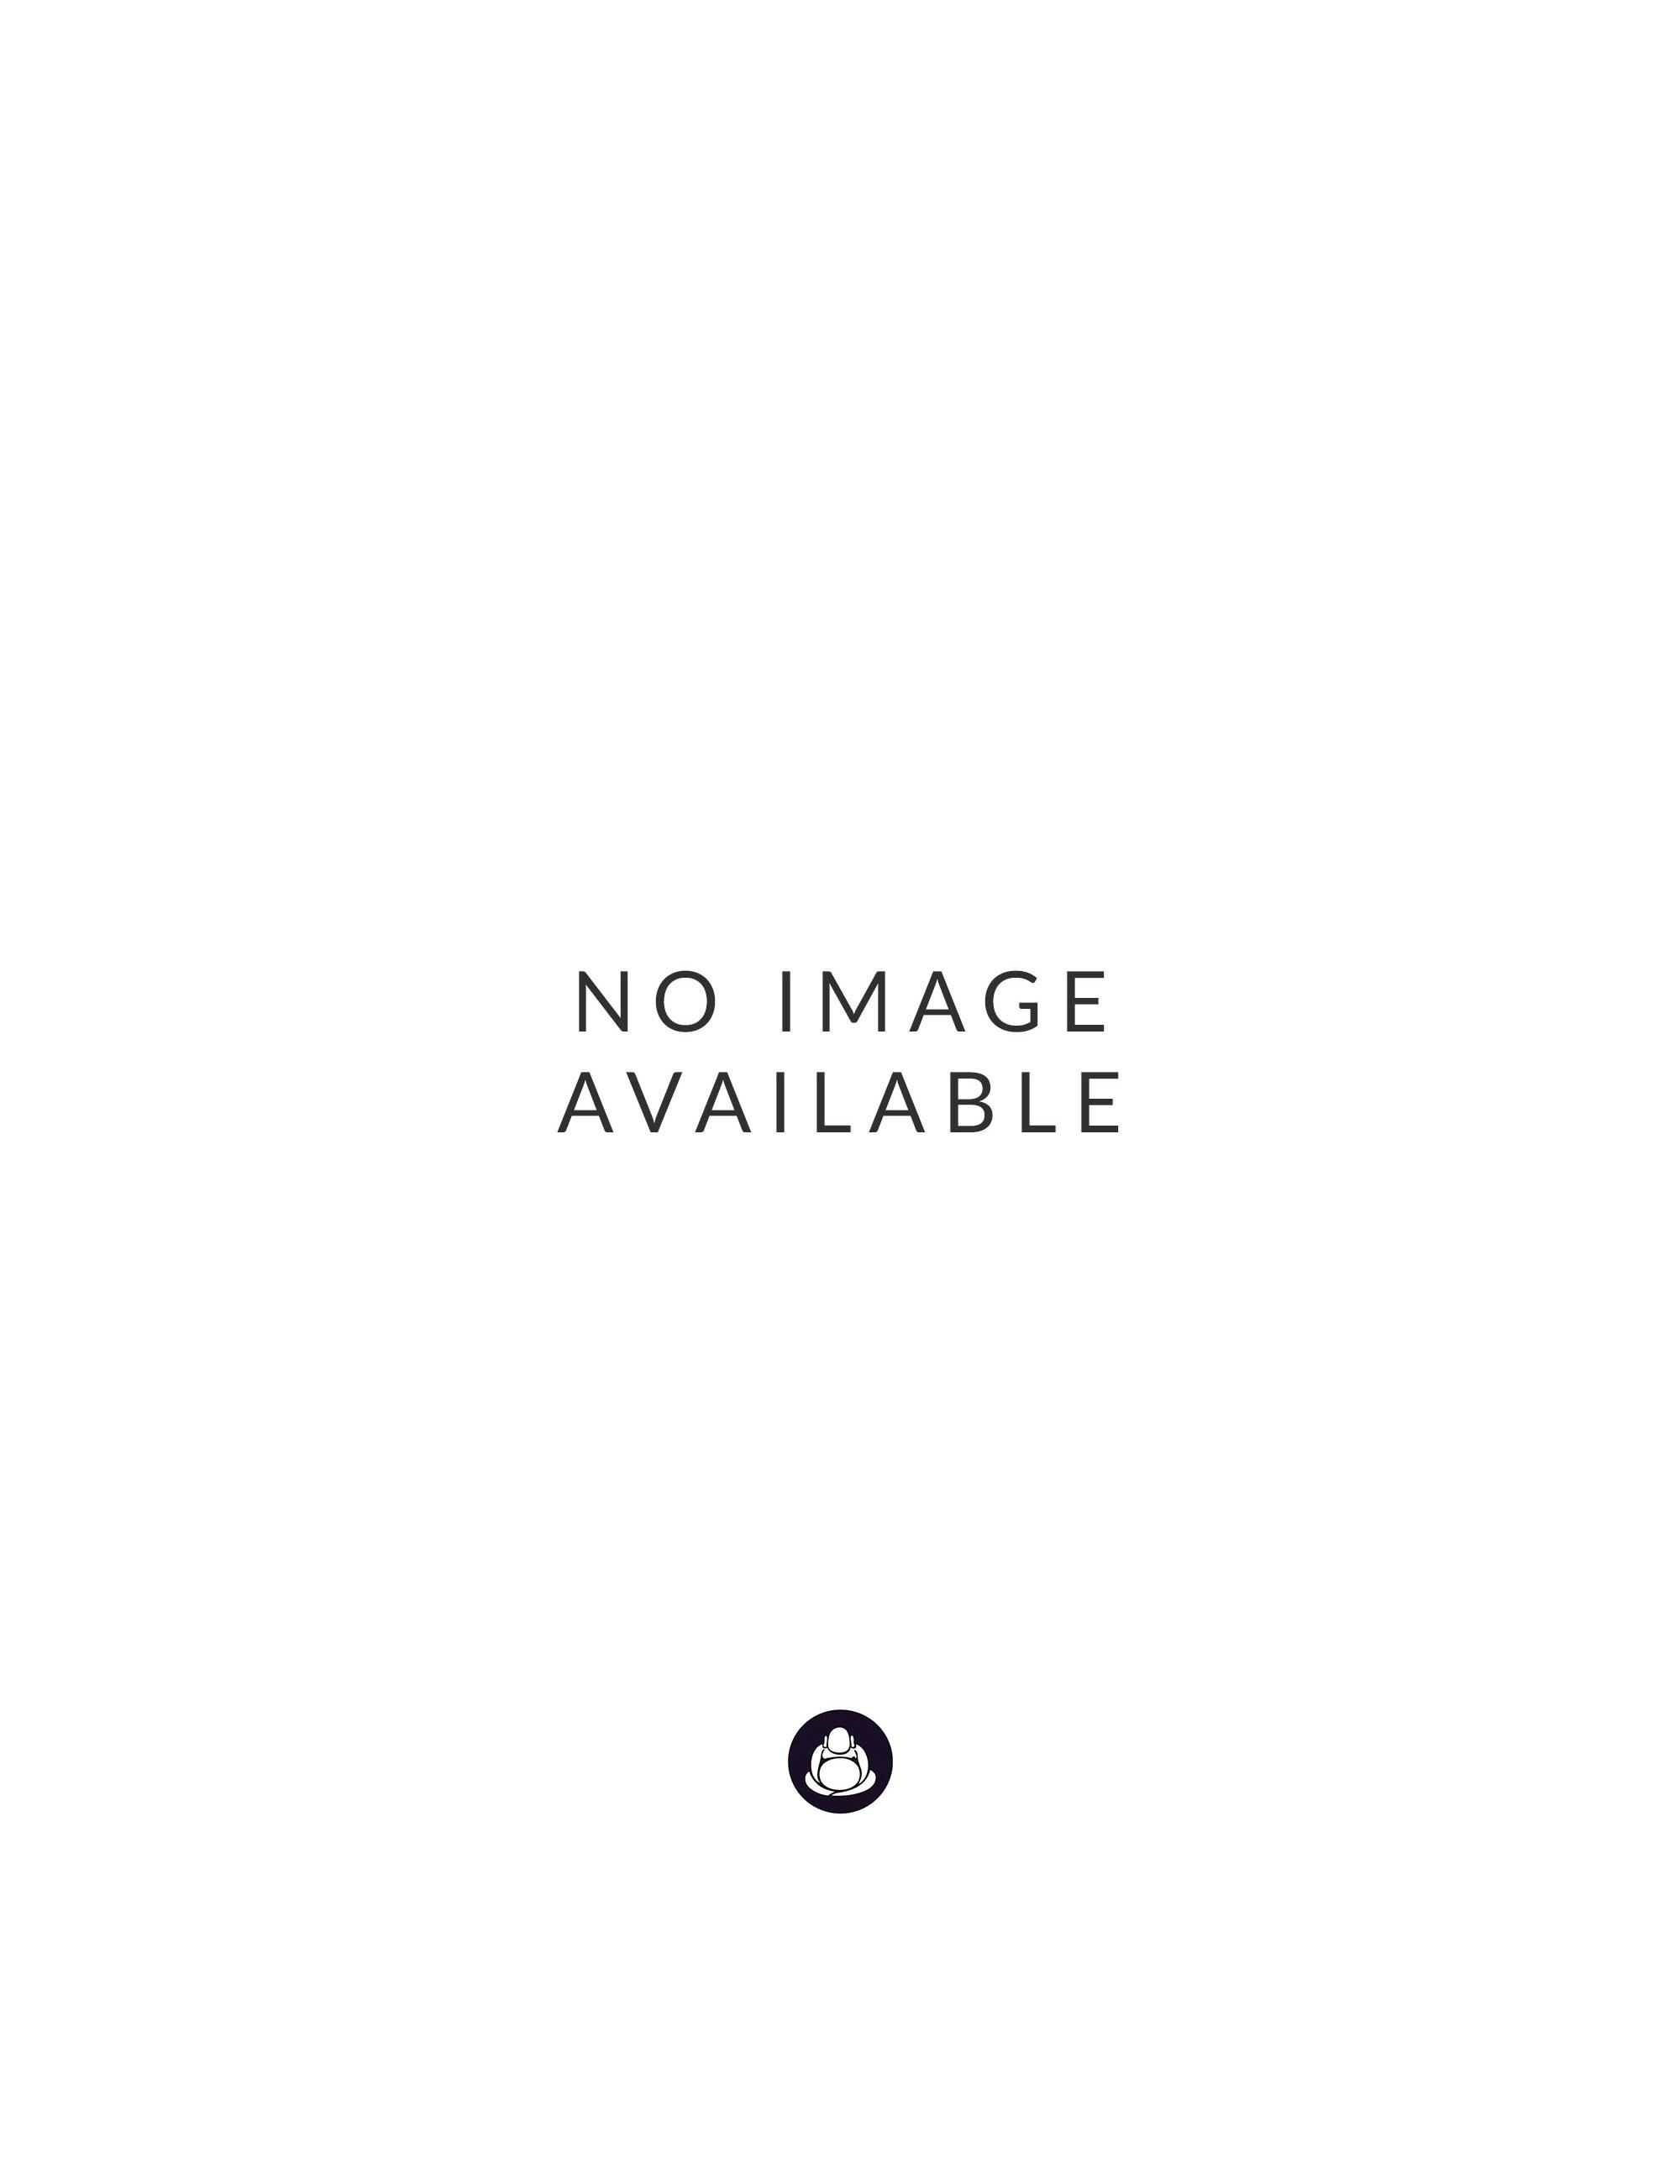 Proraso Shaving Cream Jar (150ml) - Sensitive Skin